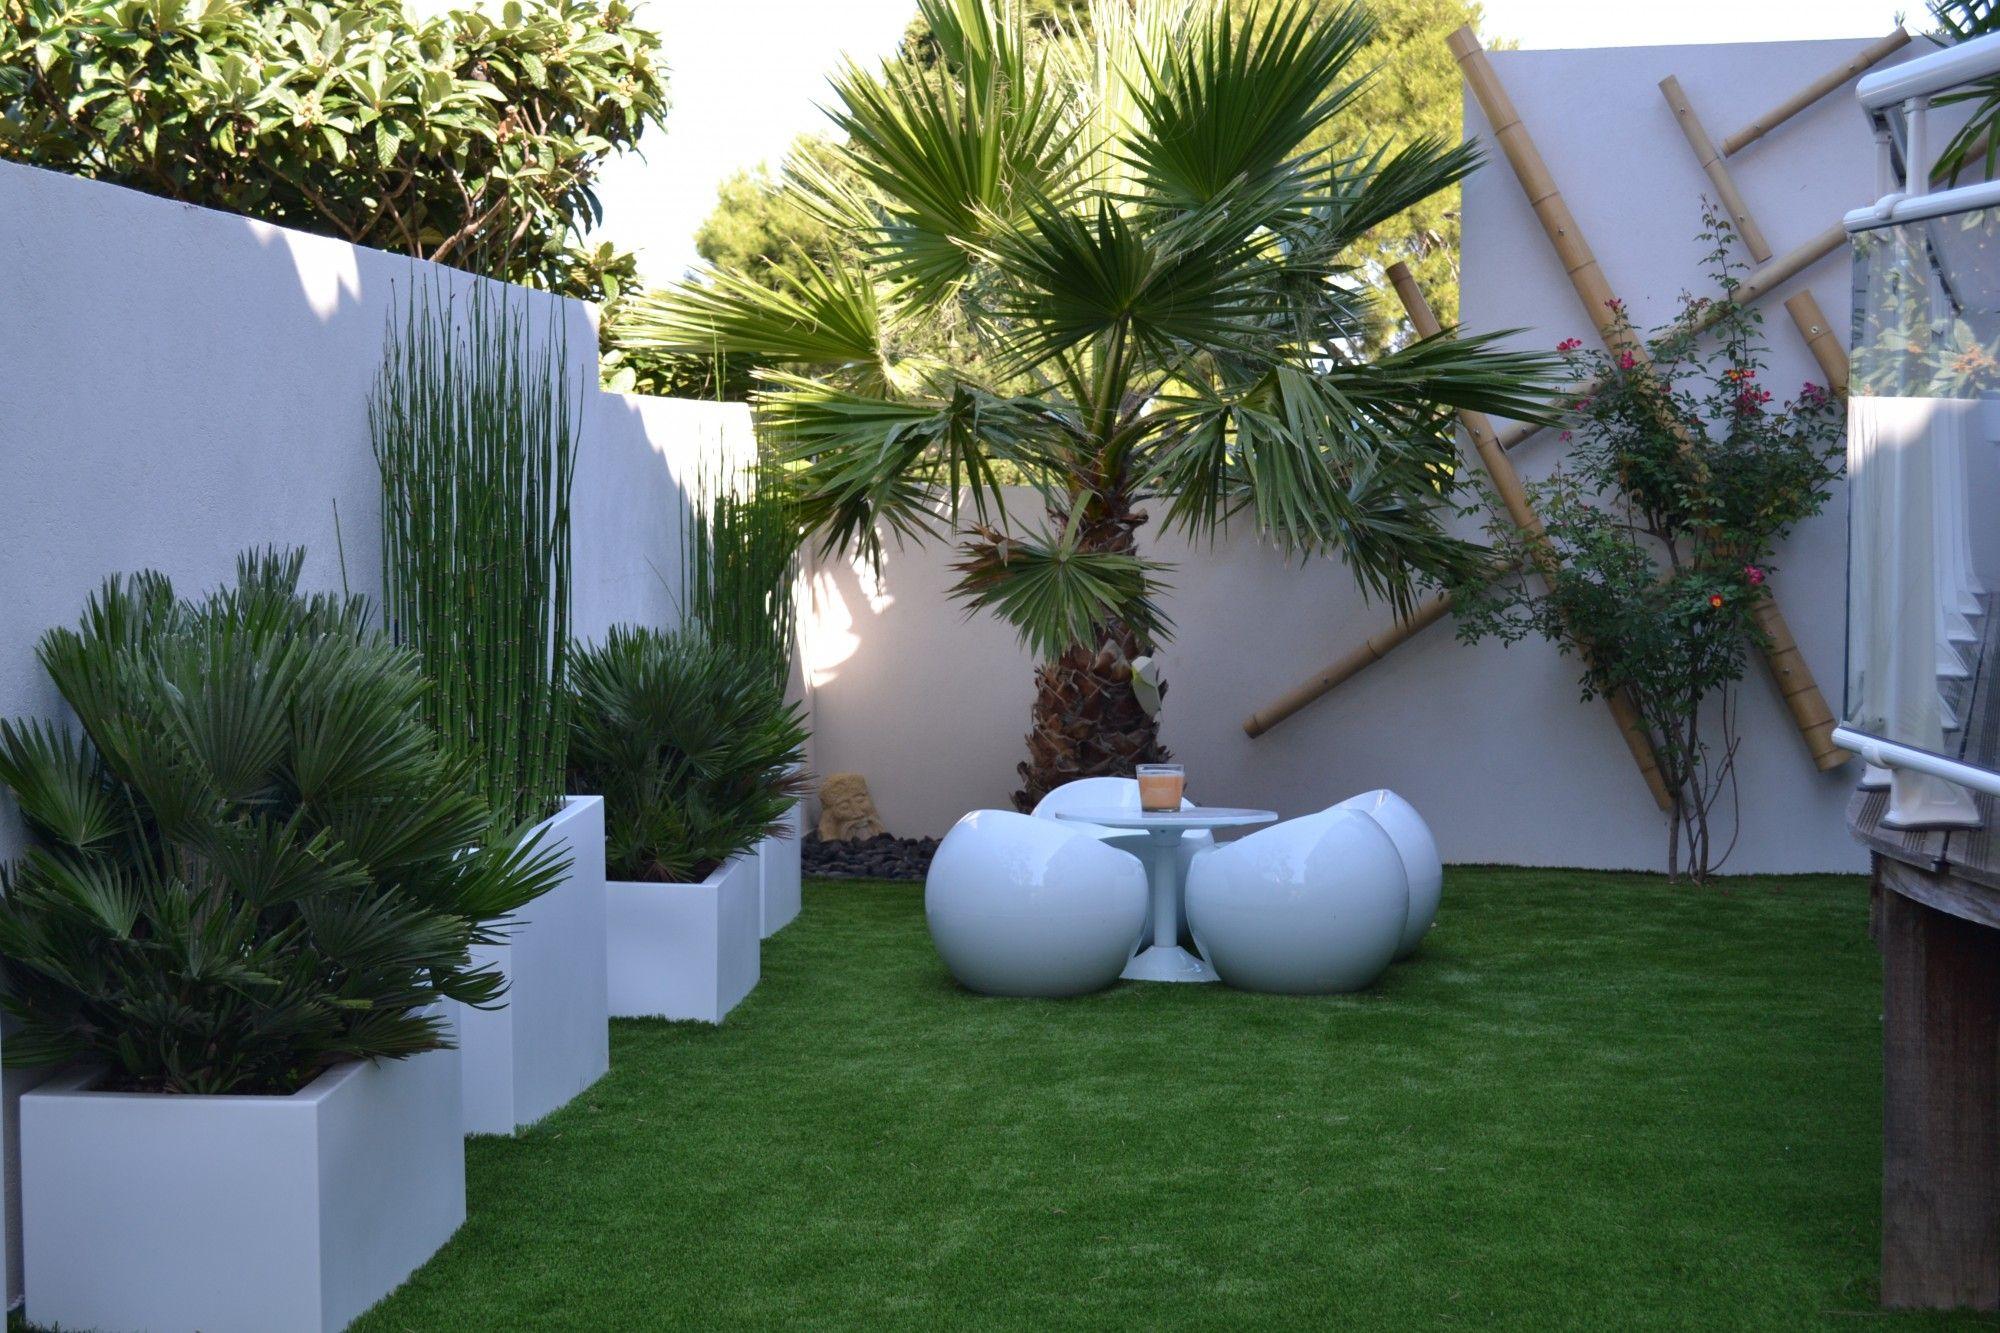 5572ca4744aab90c77b6d9222ea59758 Unique De Deco Petit Jardin Concept